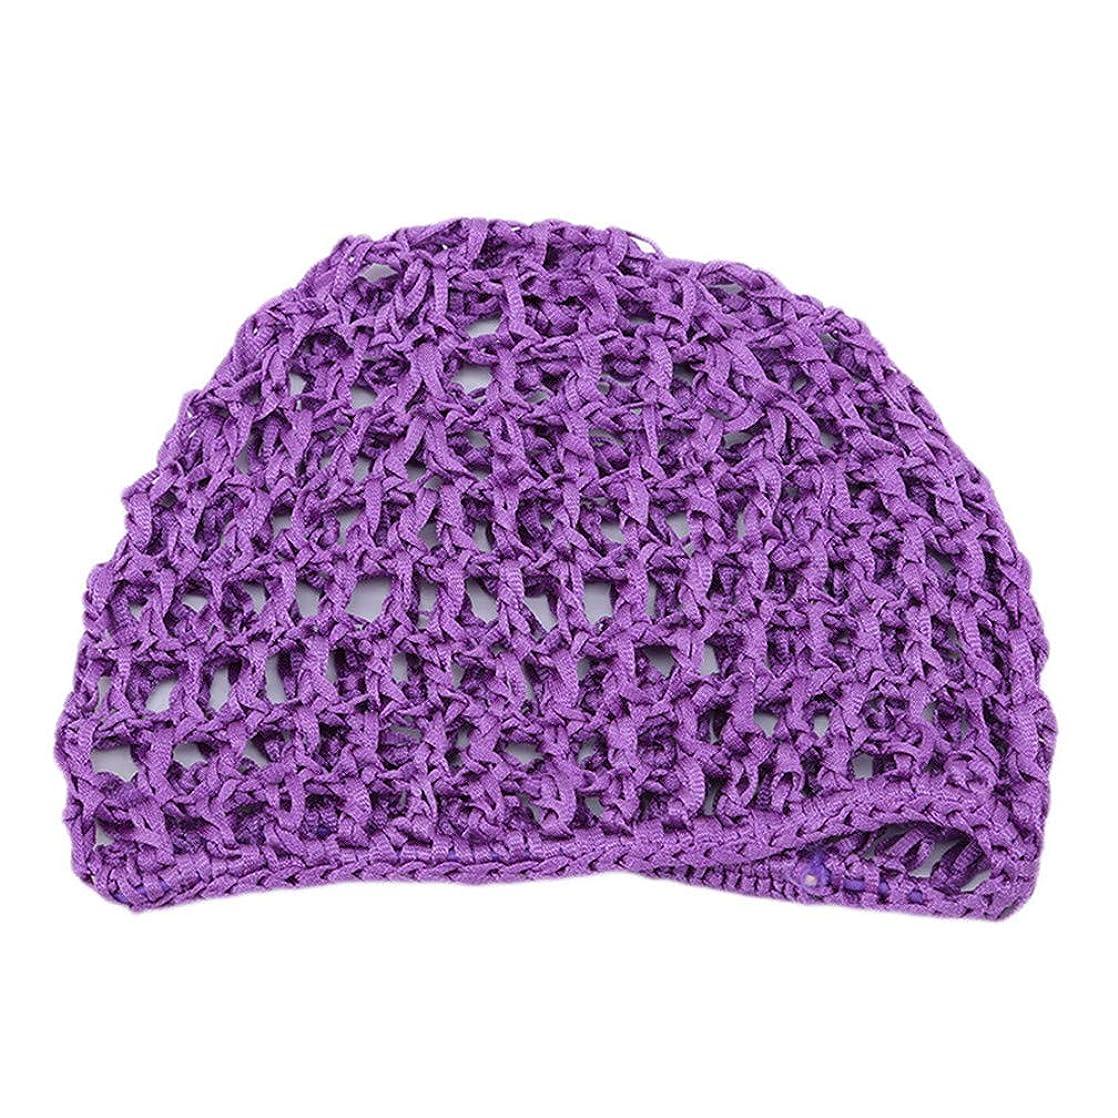 サイレント足取るLJSLYJ 女性の手かぎ針編みの髪の編まれた髪のネットアクセサリー弾性髪のネットキャップスリーピングキャップ、紫色